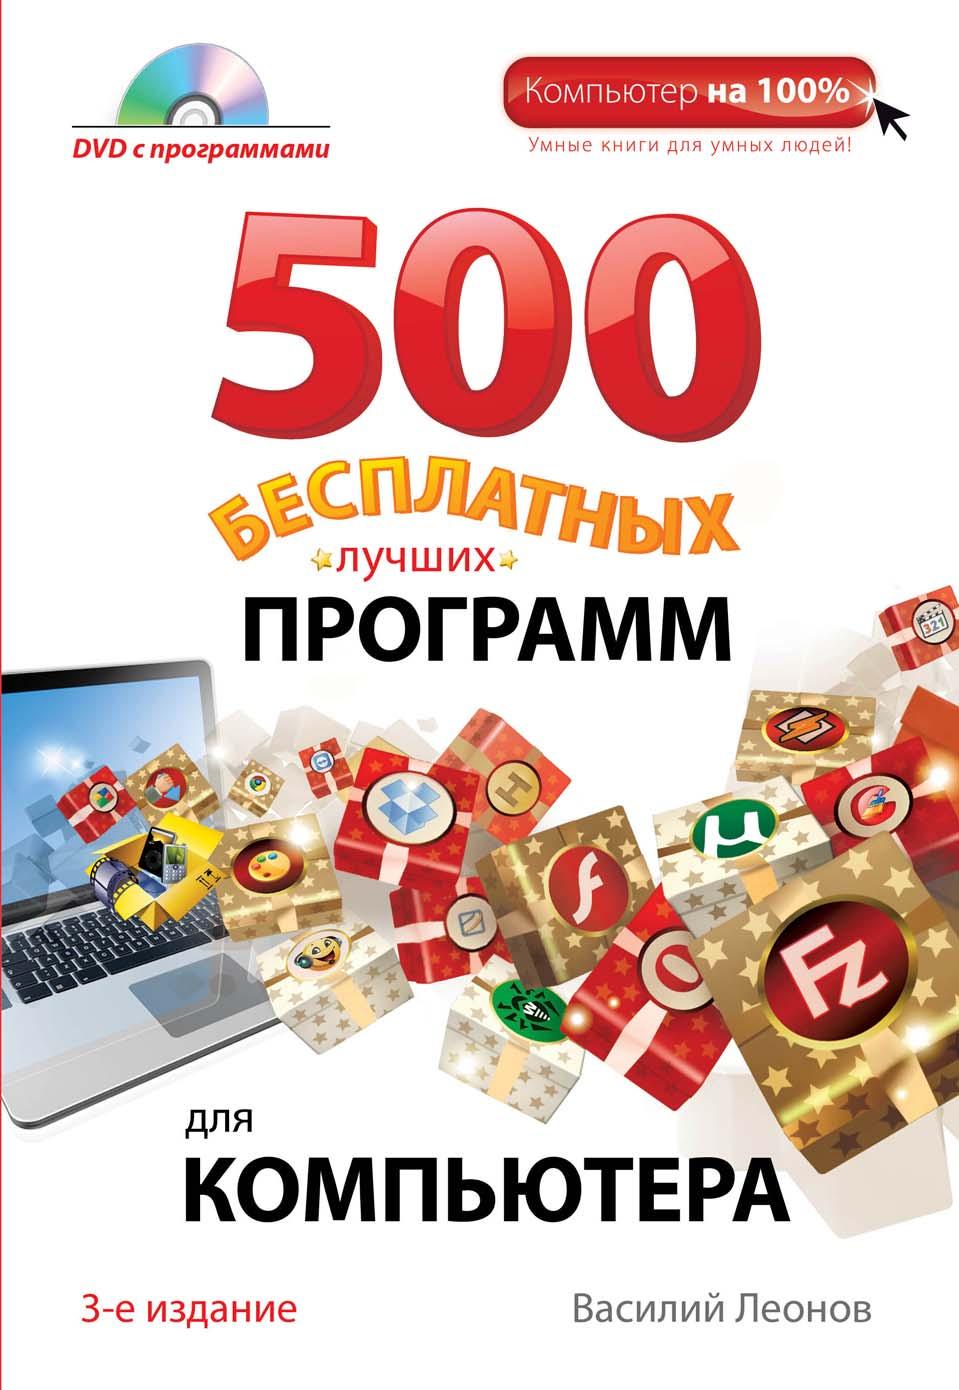 500бесплатных лучших программ для компьютера